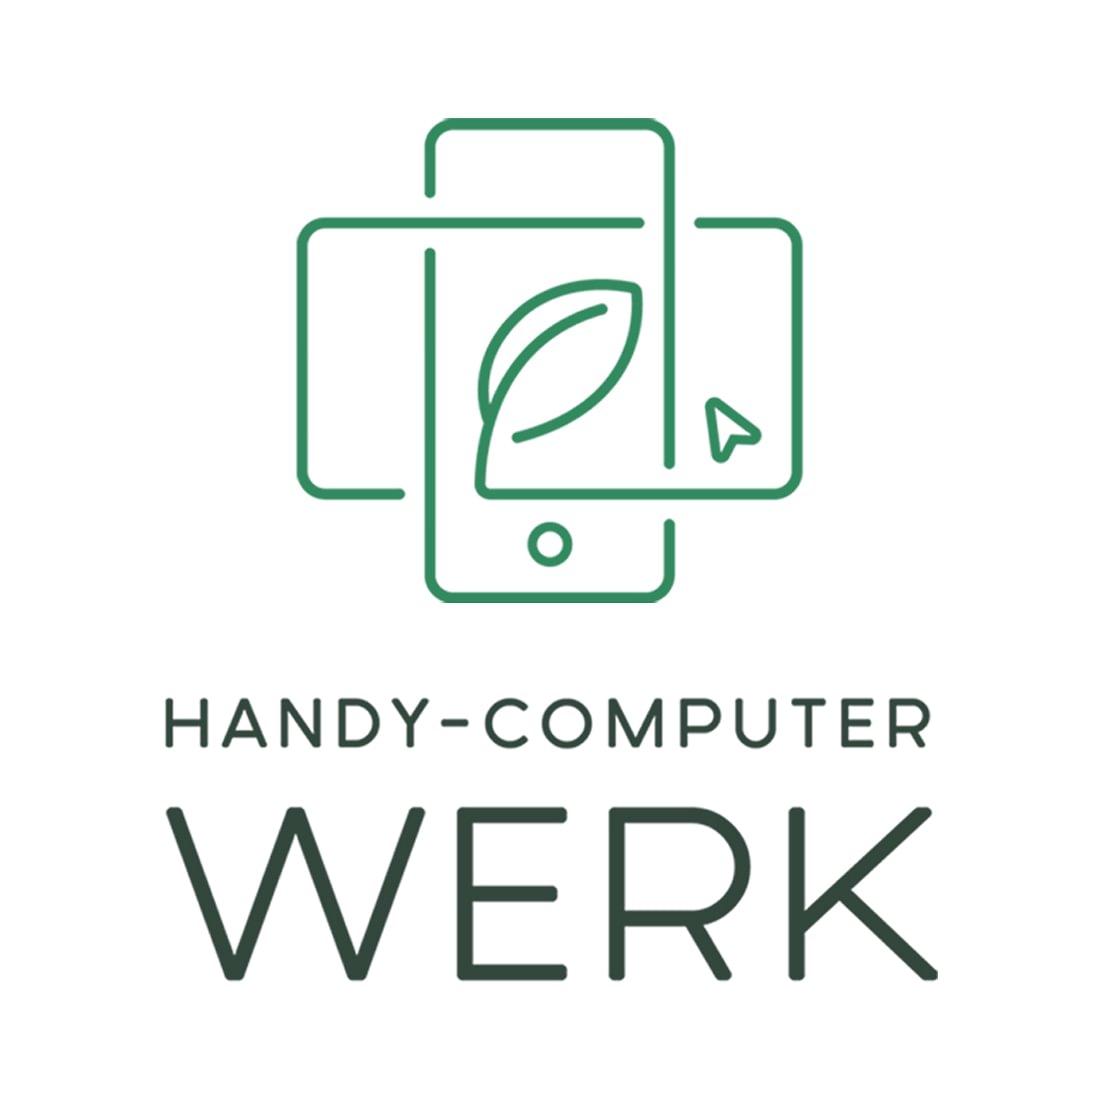 Handy- Computer WERK